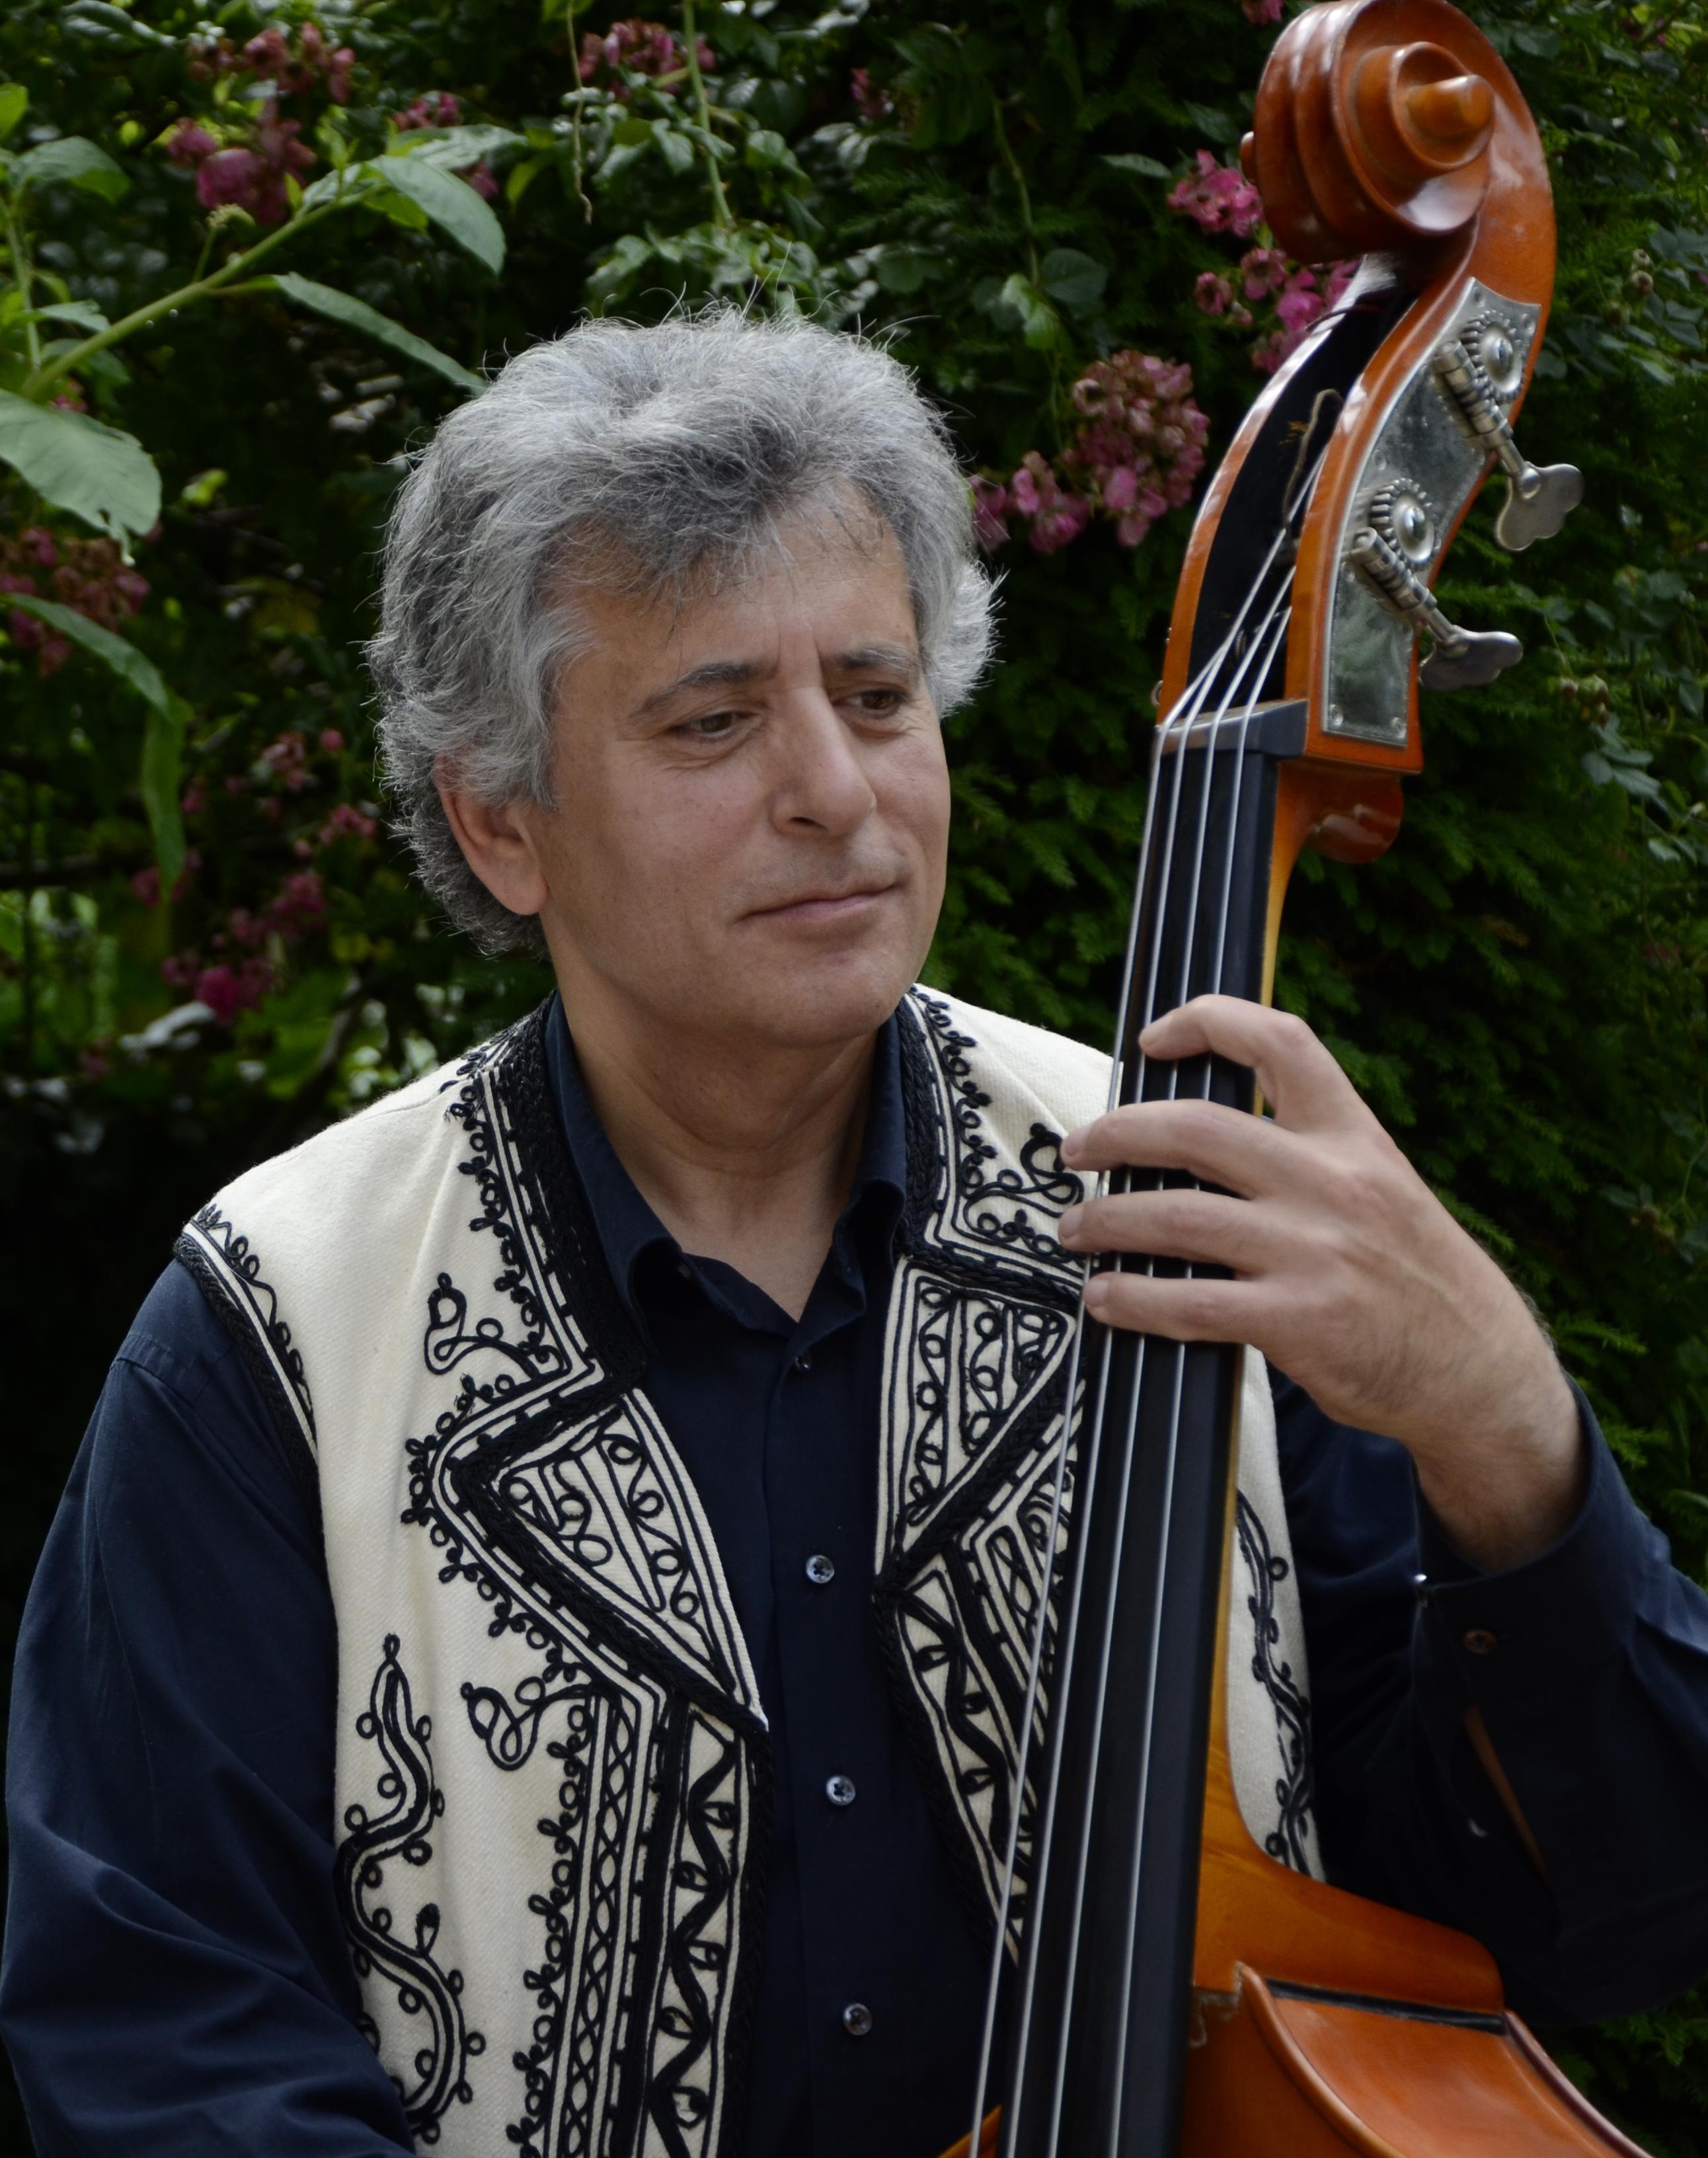 Mihai Scarlat